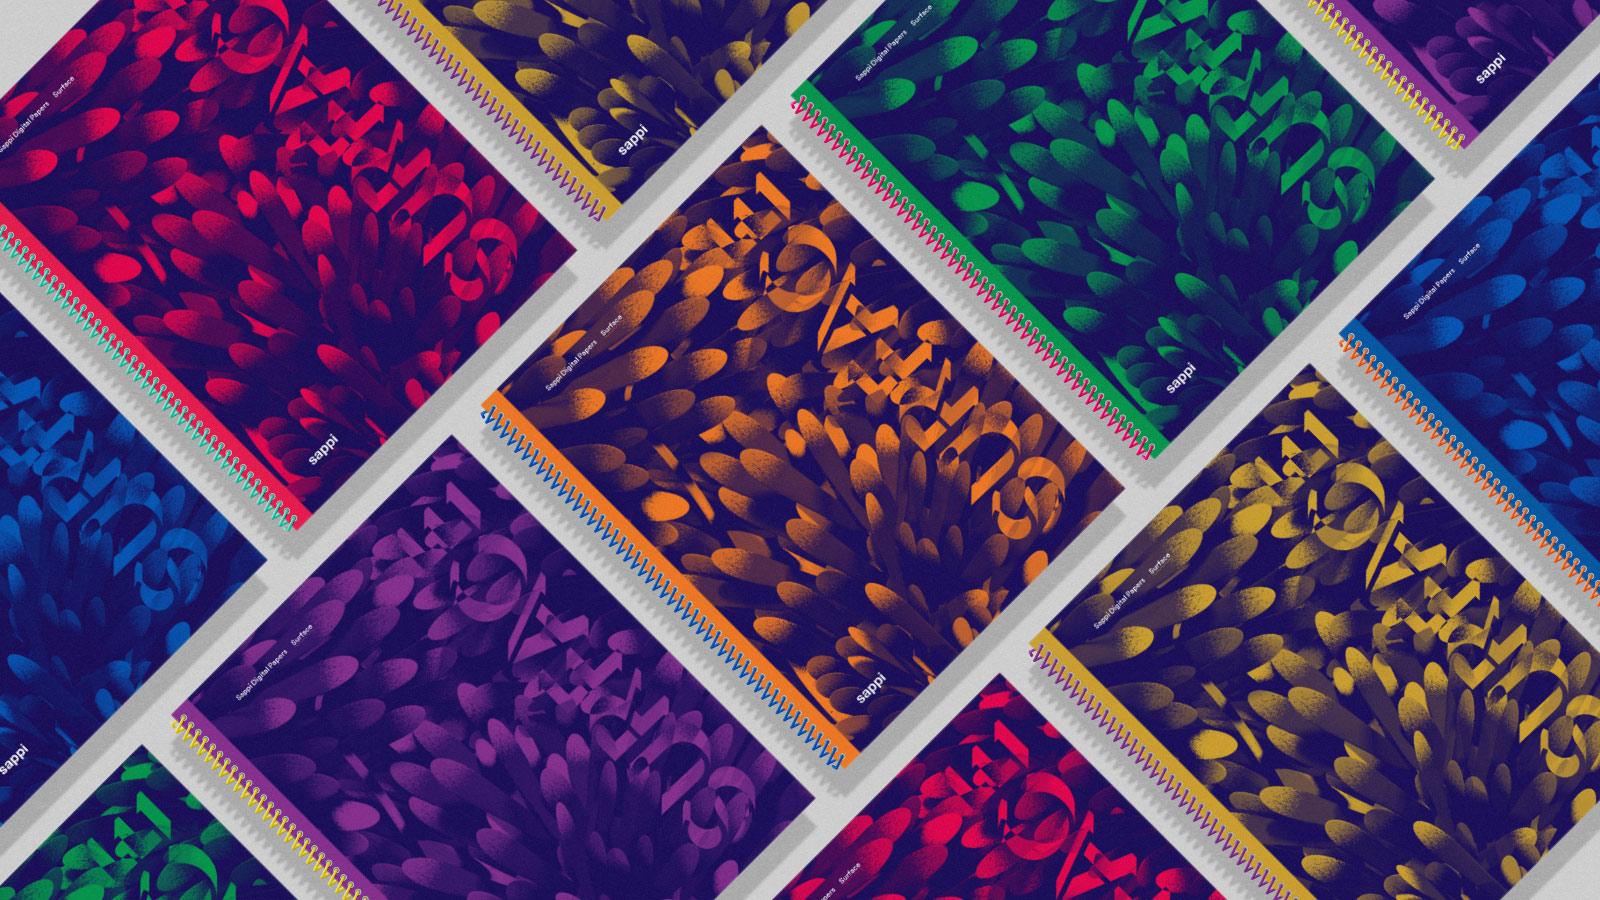 gb-p5b-01-sappi-1600x900.jpg